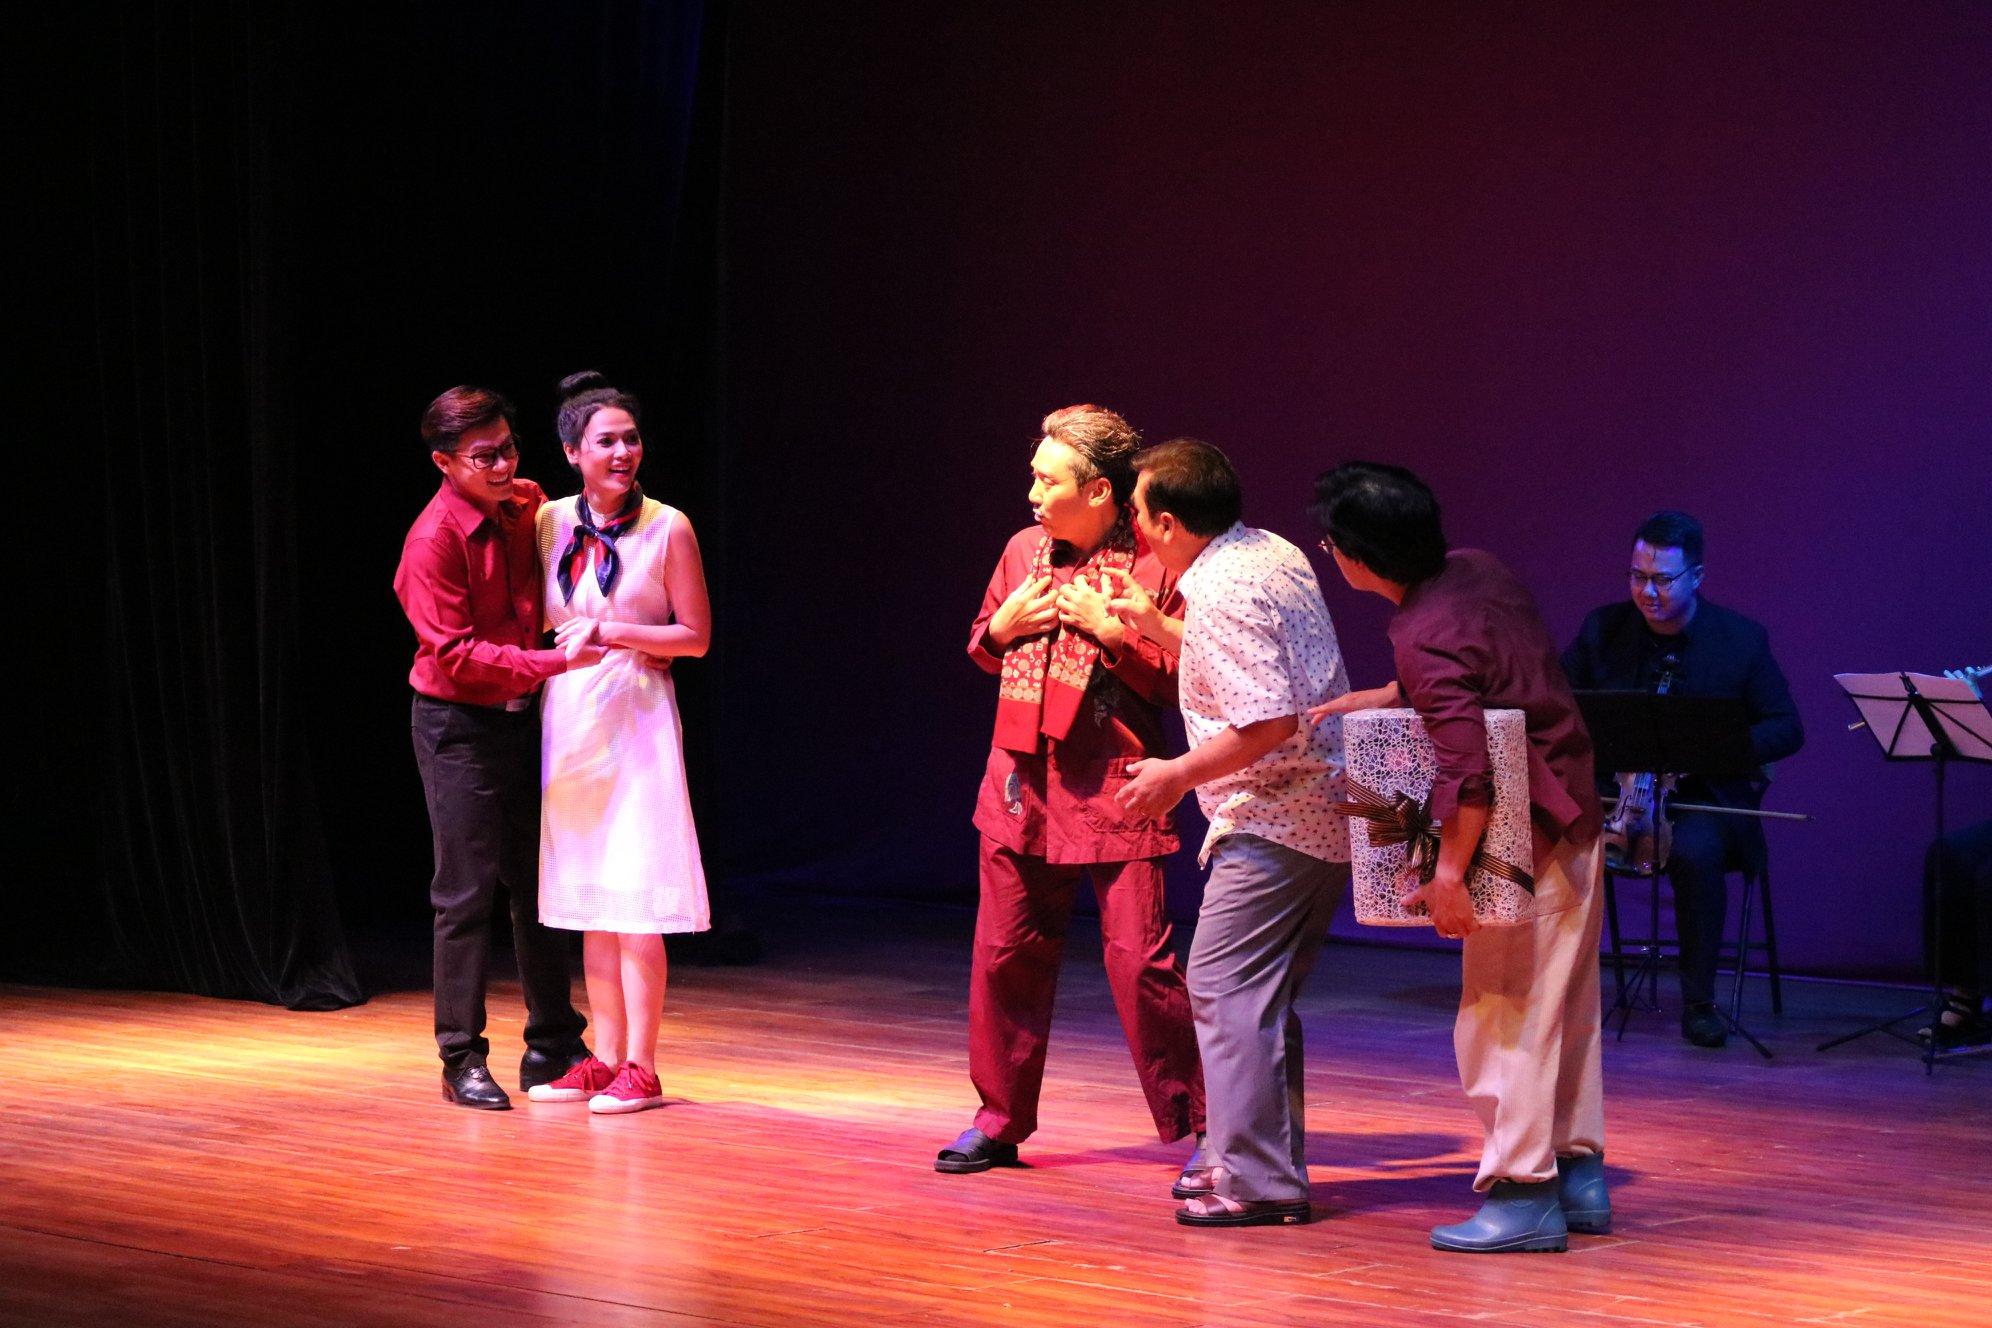 Hai xuất diễn đặc biệt kỷ niệm sinh nhật lần thứ 10 của SK Hoàng Thái Thanh chật kín khán giả